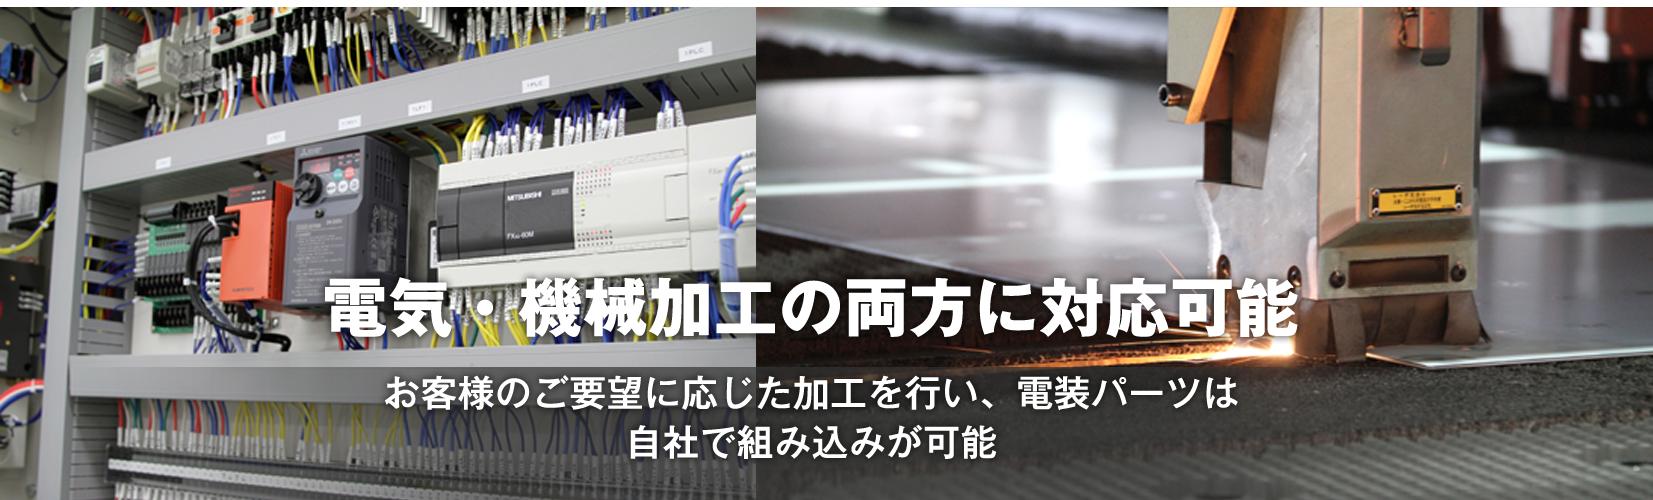 電気・機械加工の両方に対応可能